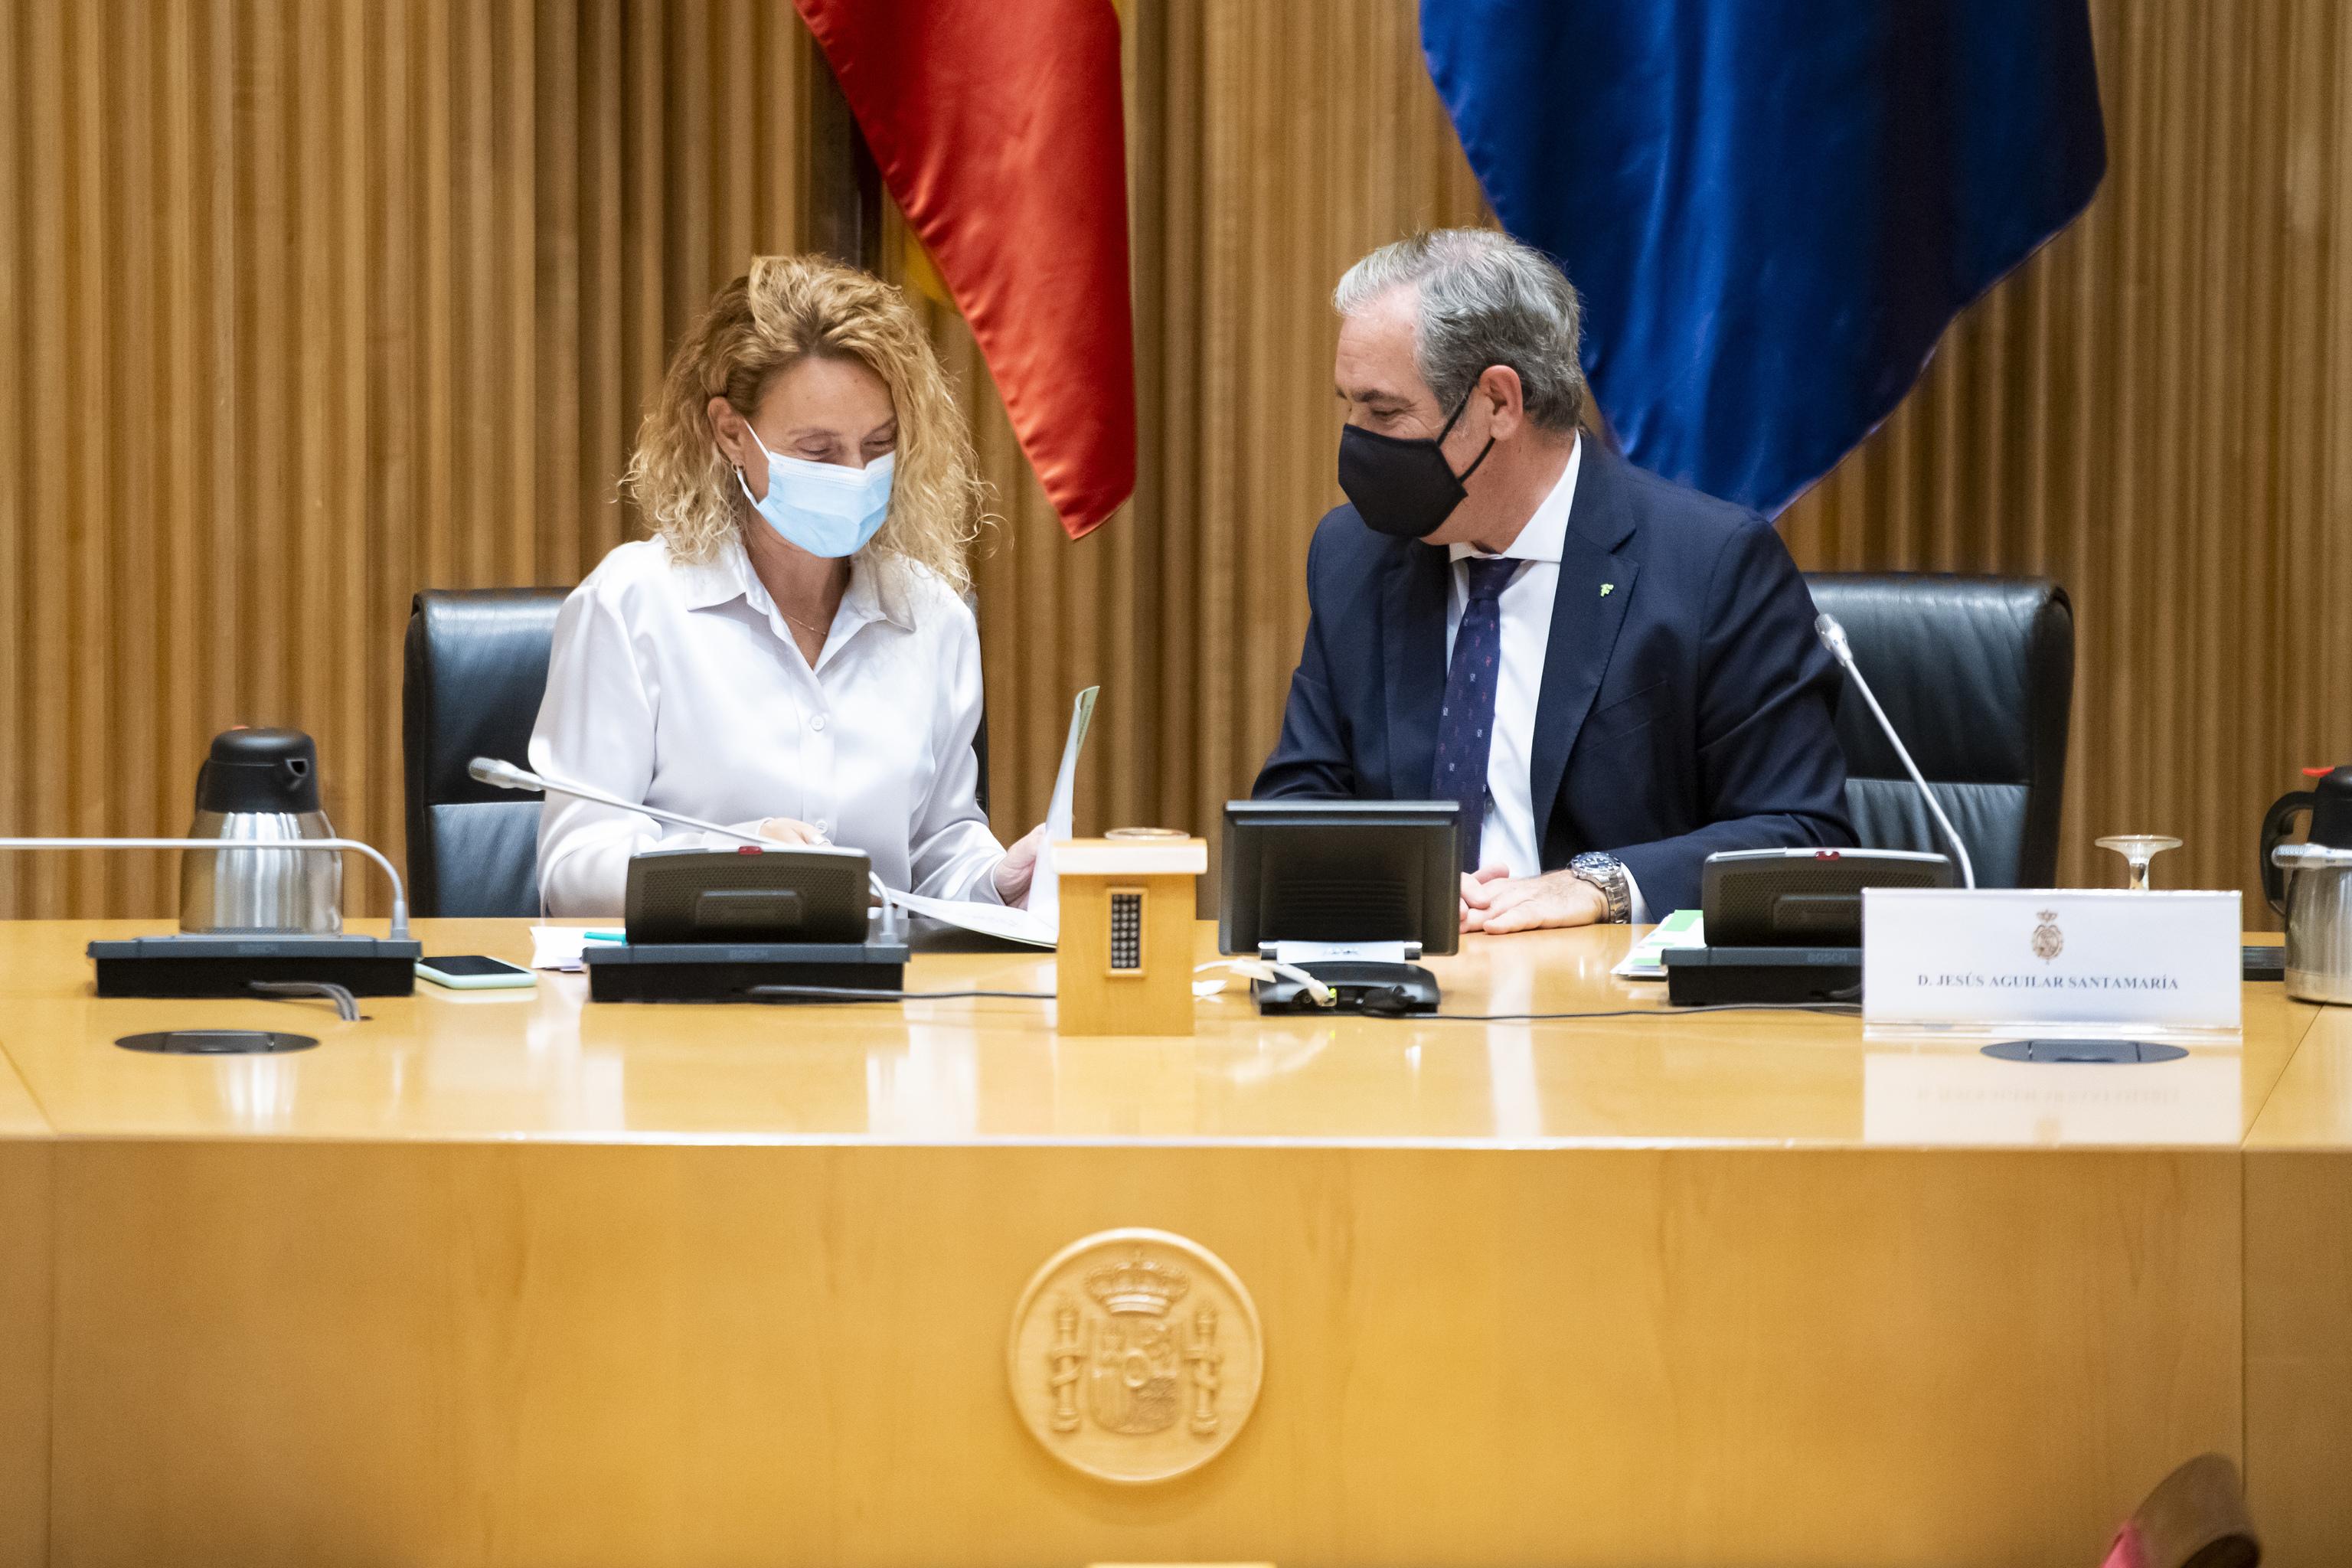 La presidenta del Congreso, Meritxell Batet, con el presidente del Consejo General de Colegios Oficiales de Farmacéuticos, Jesús Aguilar, en el Congreso.